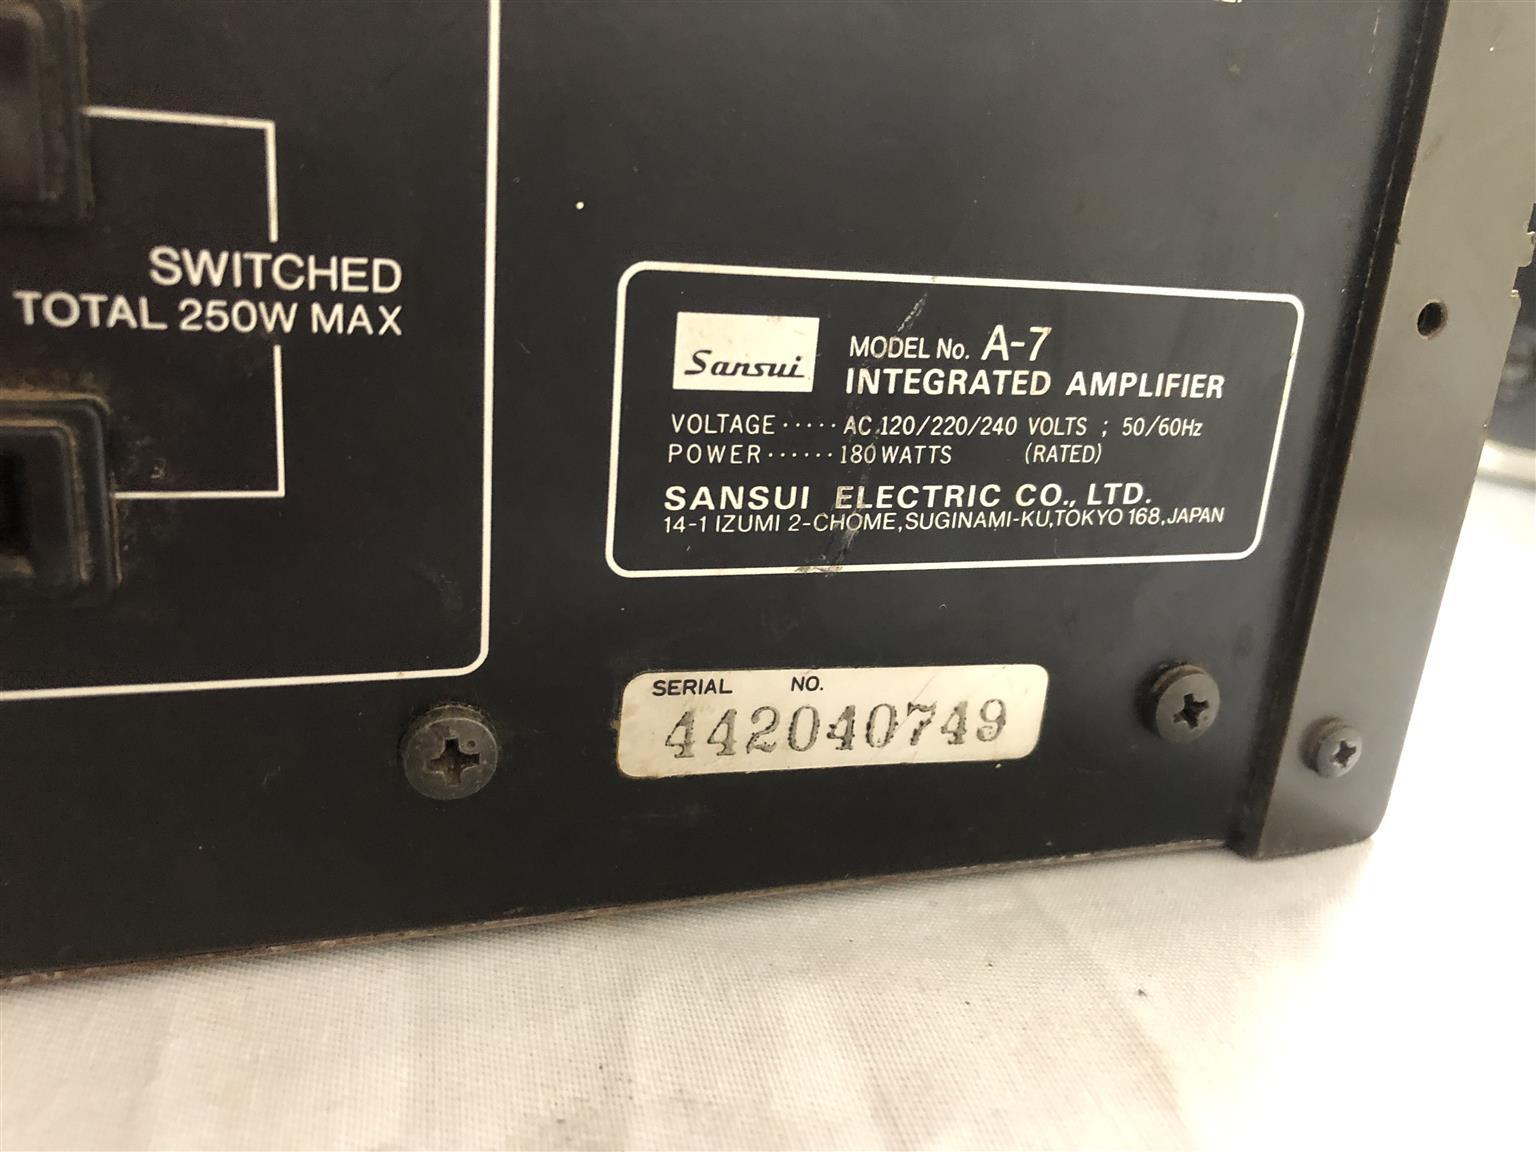 Amplifier Sansui A-7 2 Channel - C033056404-1